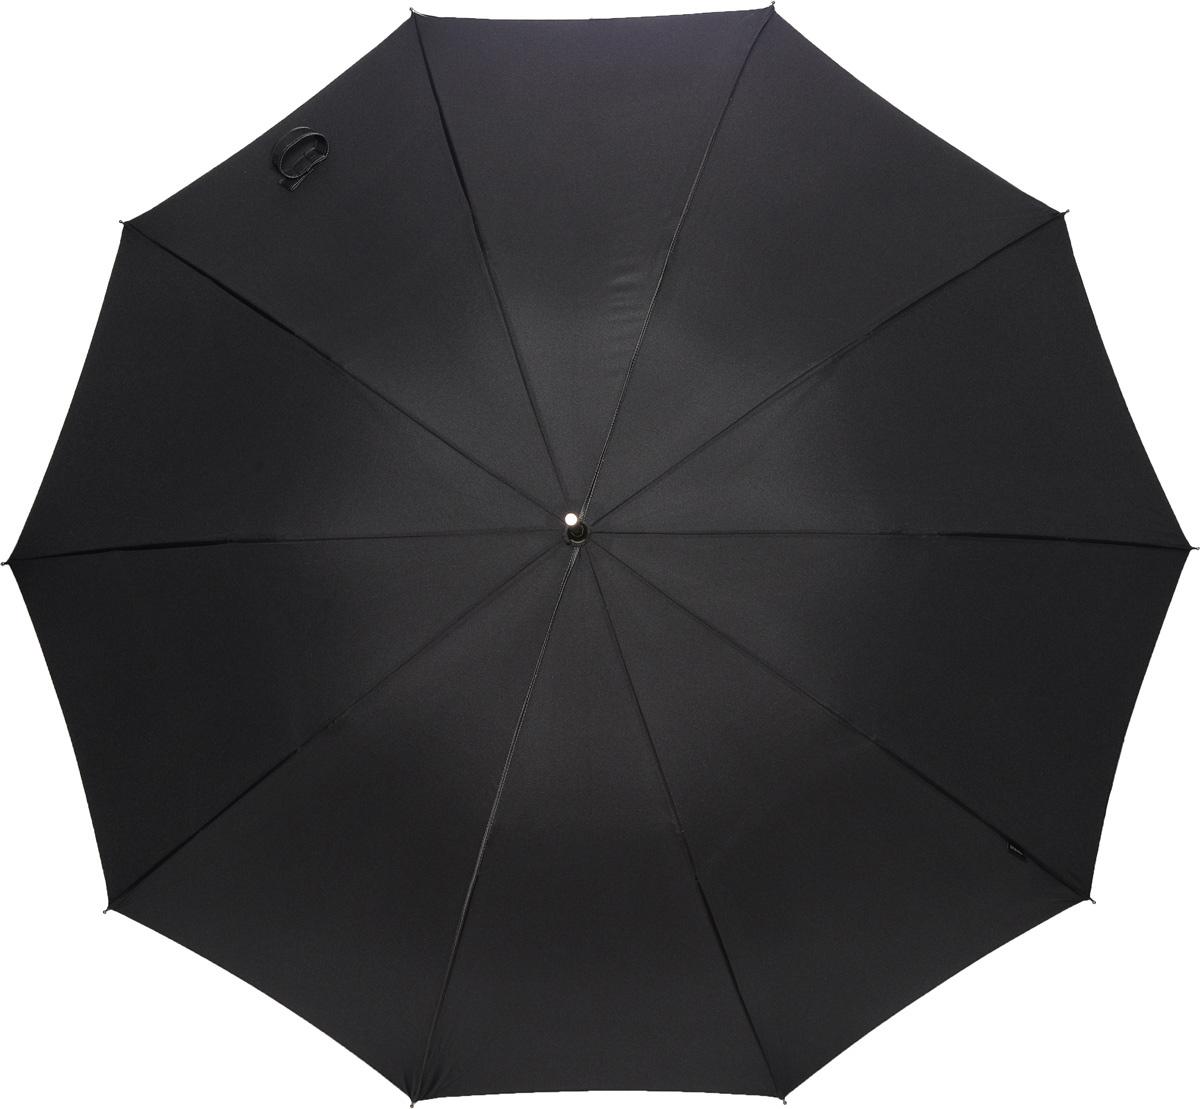 PERTEGAZ 8148 Зонт трость муж.8148Зонт испанского производителя Clima. В производстве зонтов используются современные материалы, что делает зонты легкими, но в то же время крепкими.Трость автомат, 10 спиц по 68, полиэстер.